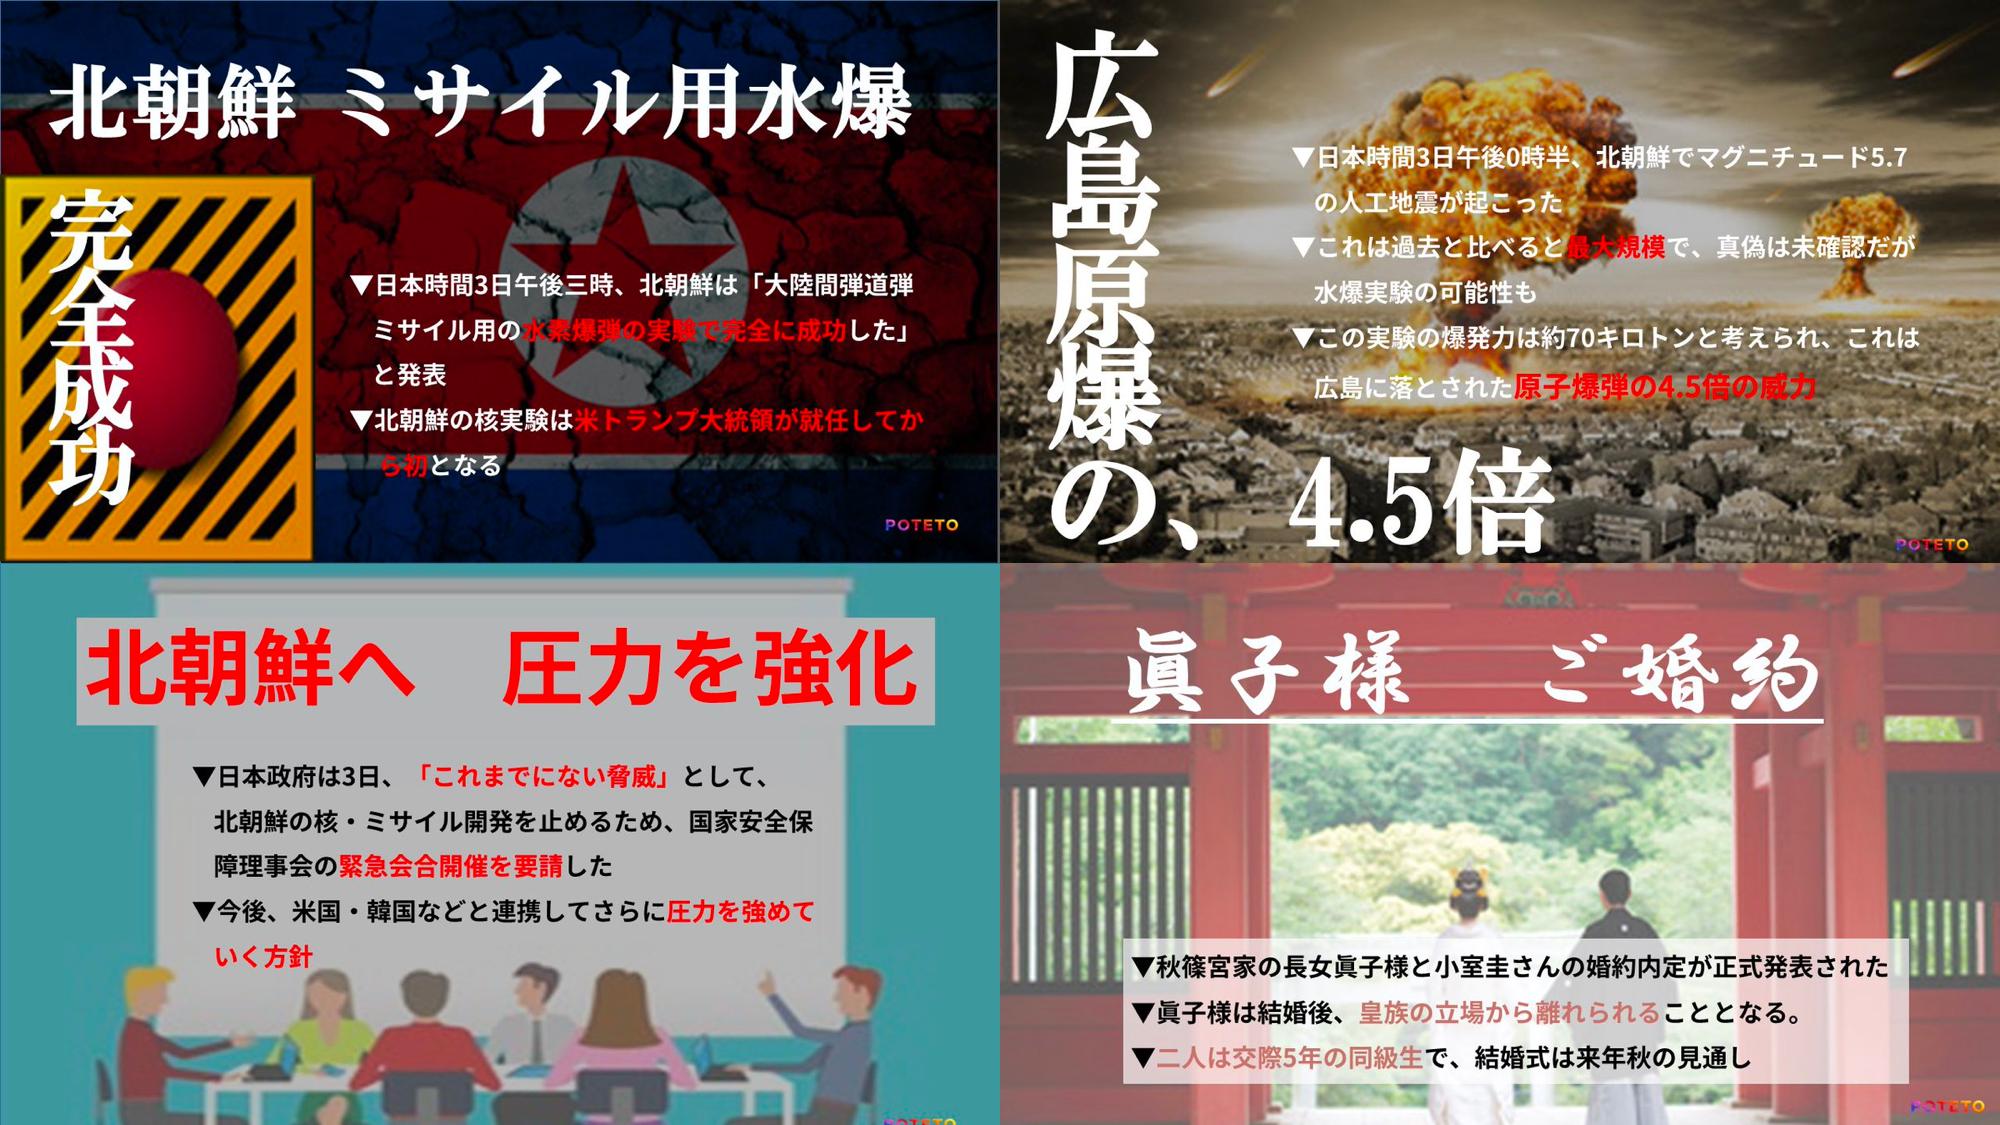 0904 1 - 2017.09.04 <br>読売新聞のイチメンニュース